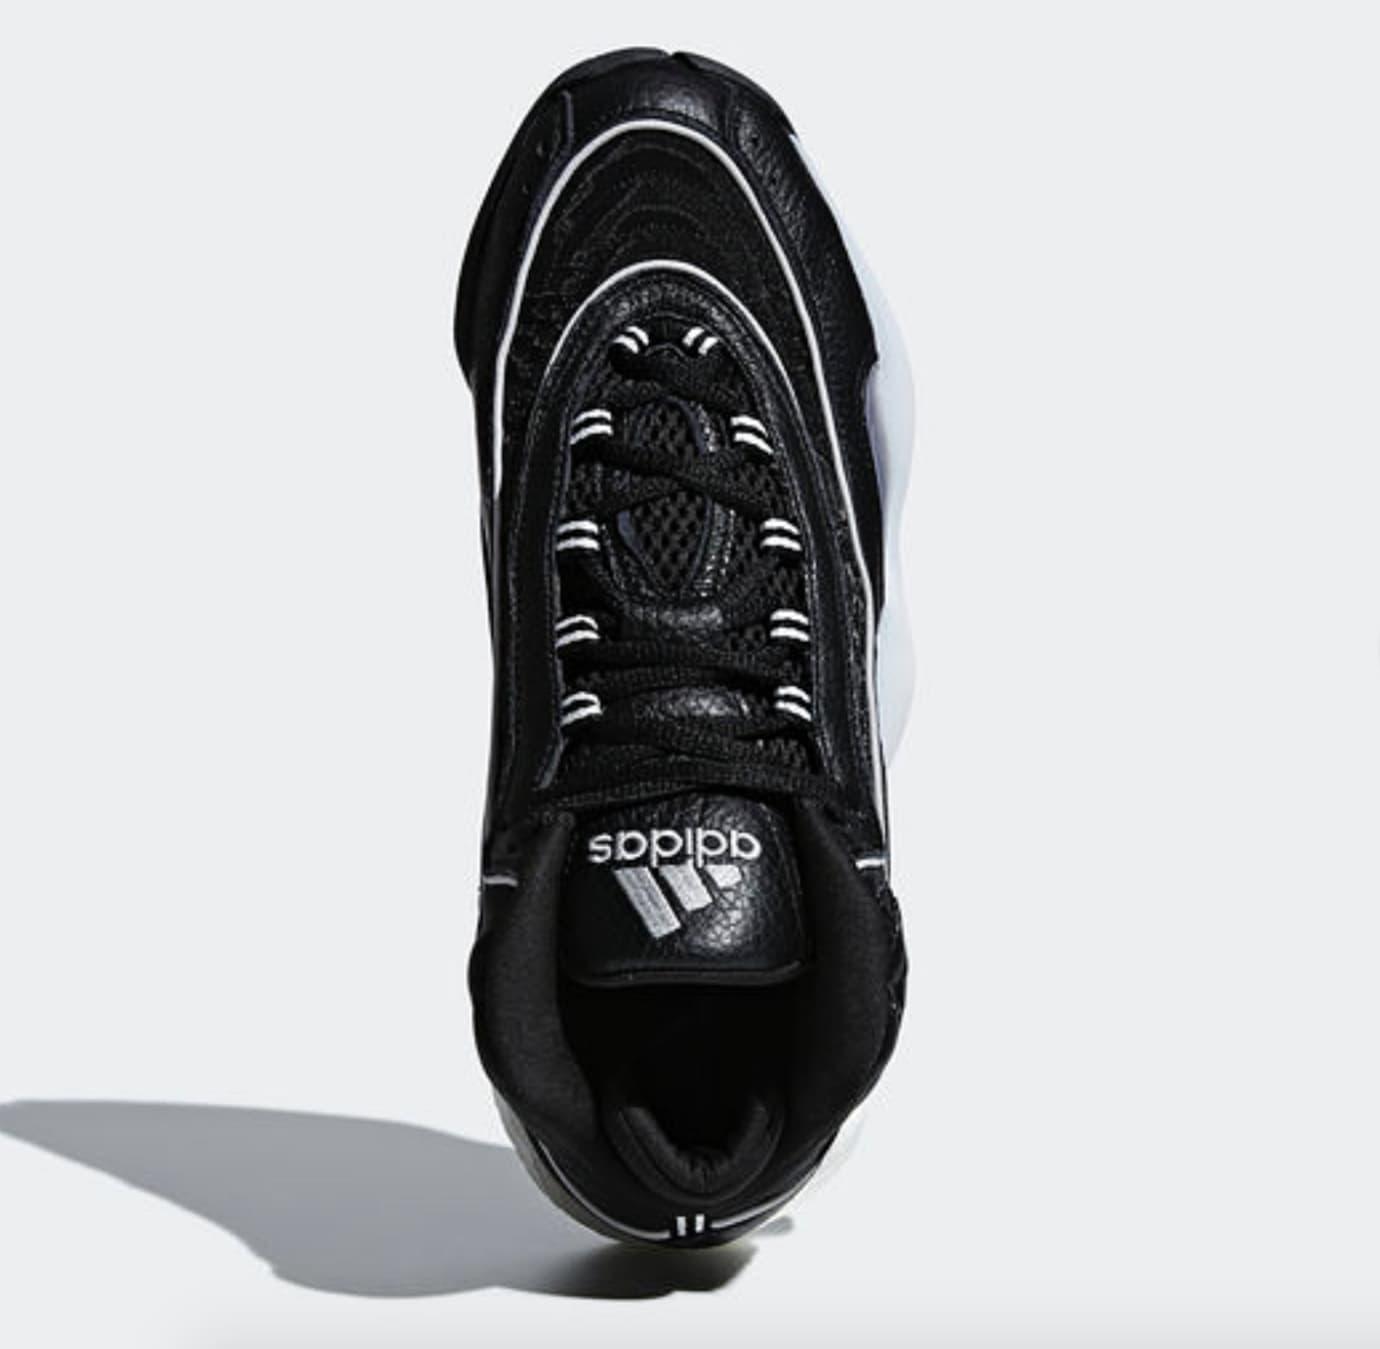 Adidas KB8 2/Crazy 2 BYW (Top)